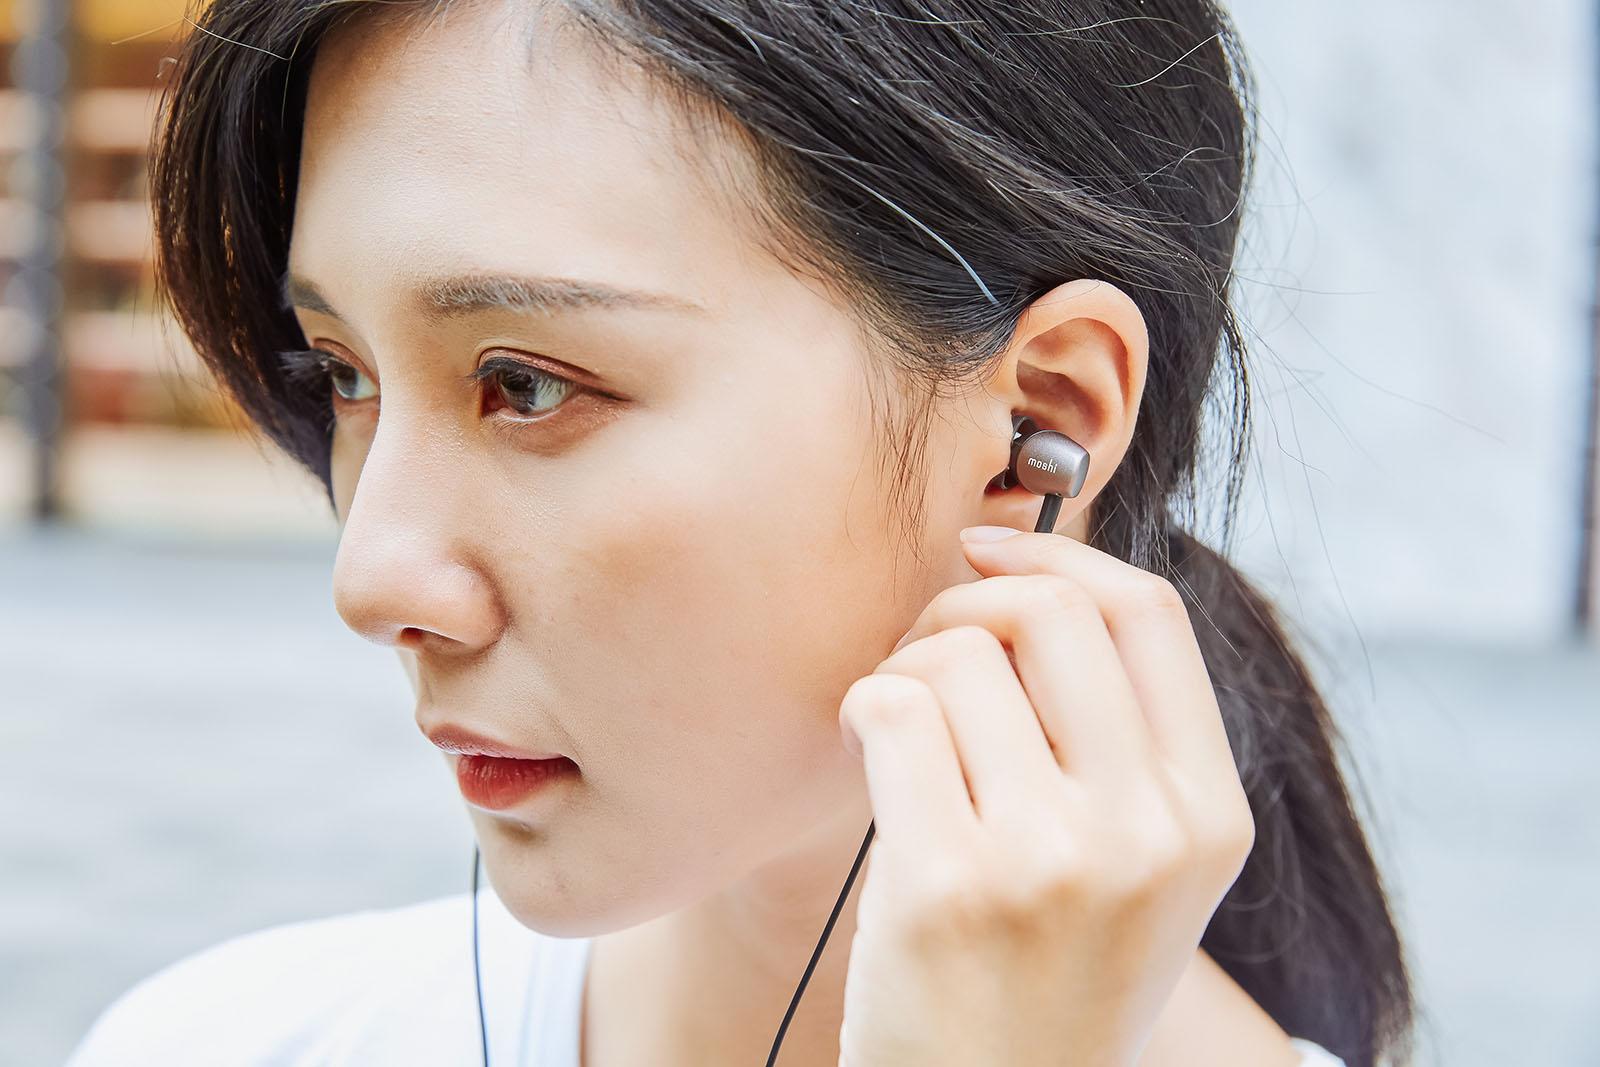 看完耳罩式的 Avanti C 之後,接著來瞧瞧輕便型的 Mythro C 入耳式耳機。密閉型�計讓它能有效阻隔外界噪音,佩戴上也符合人體工�,鈦灰色(另有銀白色)機殼顯得相當耐看。